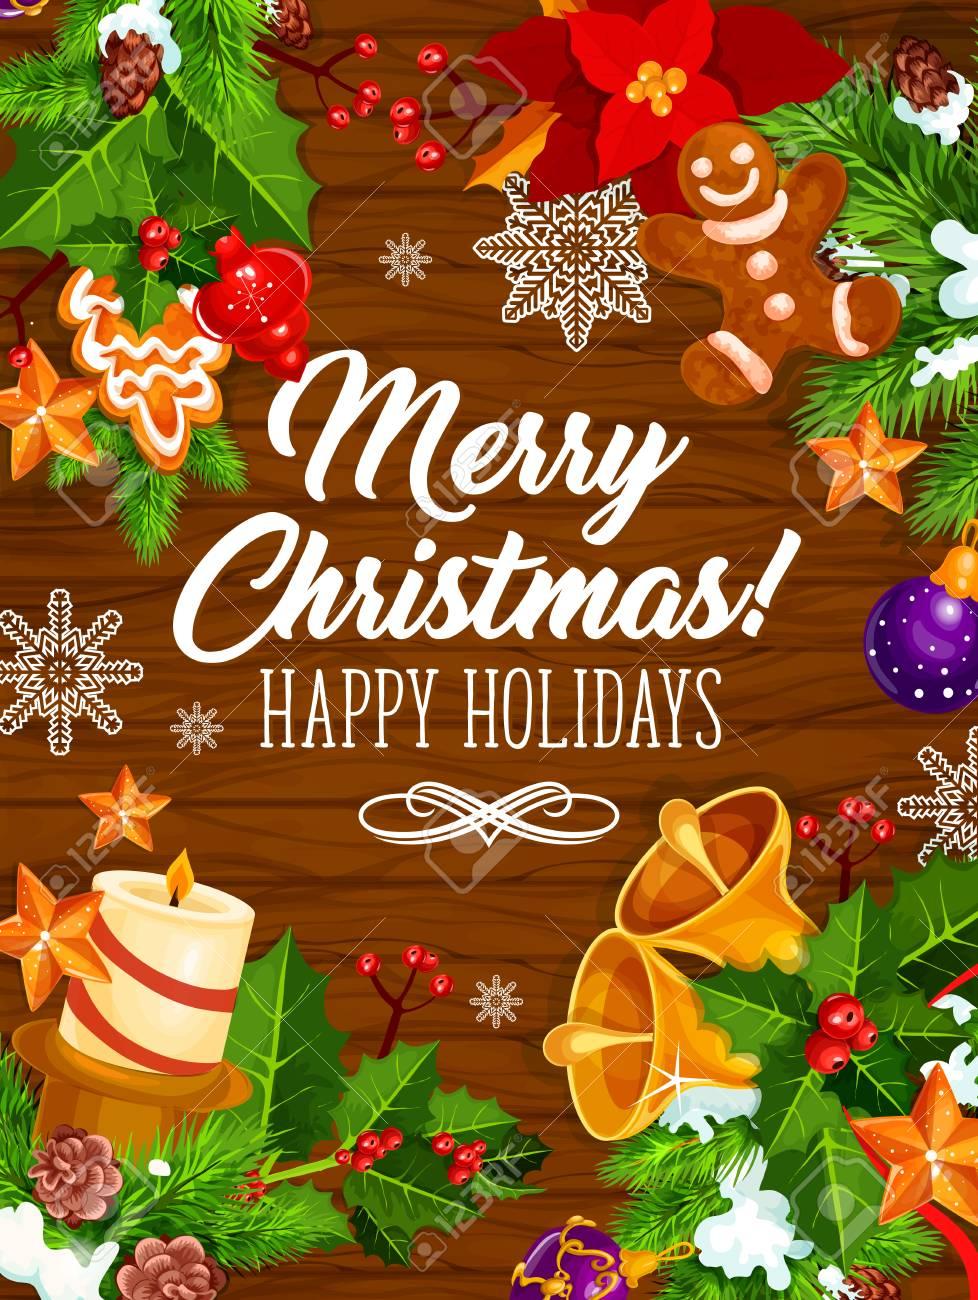 Weihnachtsfeier-Geschenke Vektor-Grußkarte Lizenzfrei Nutzbare ...